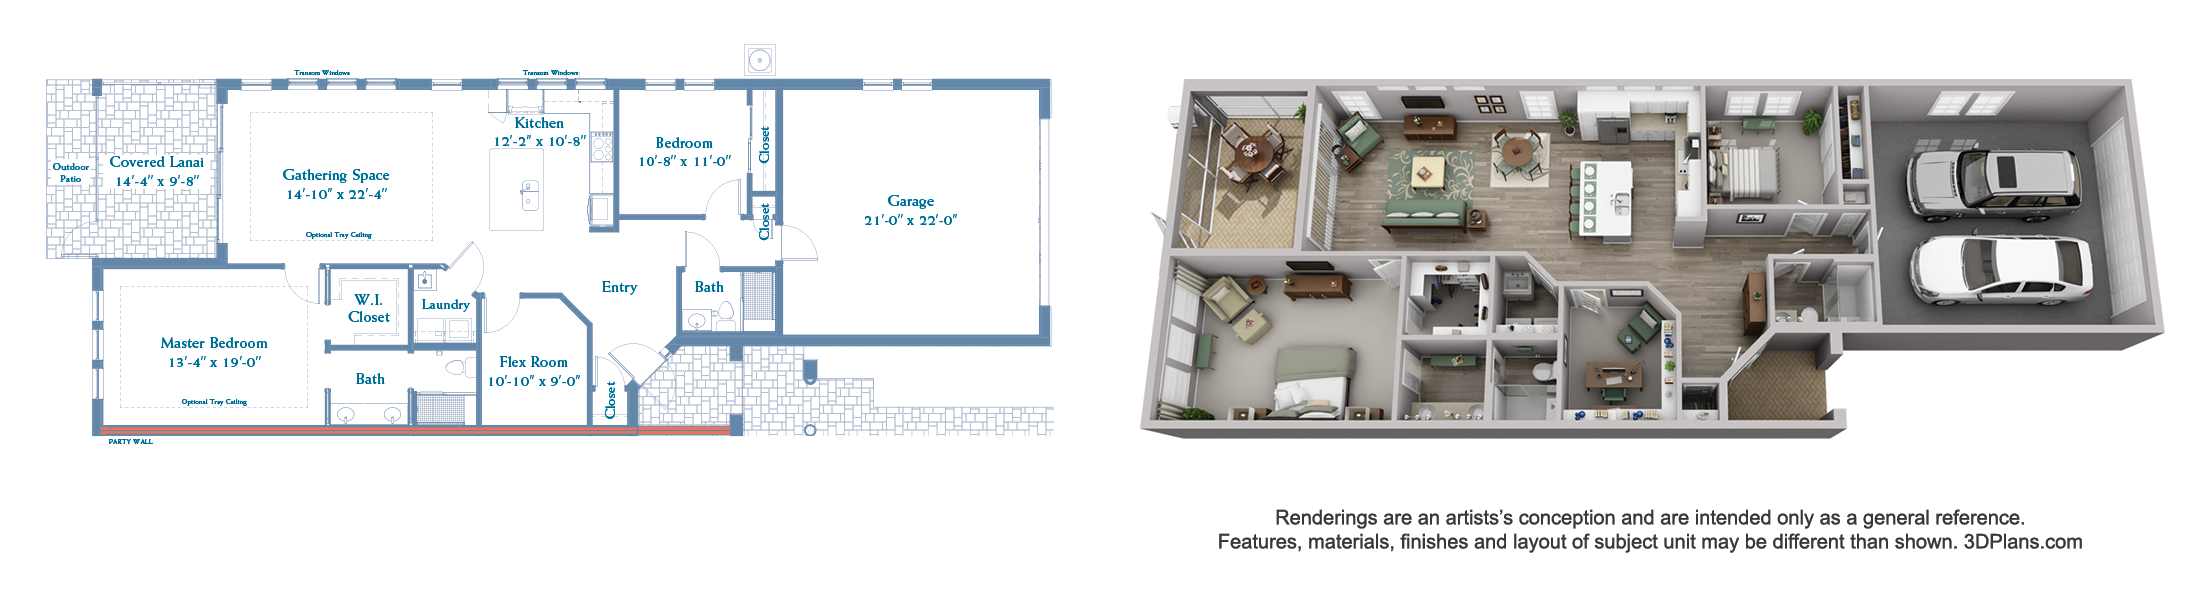 Finch floor plan